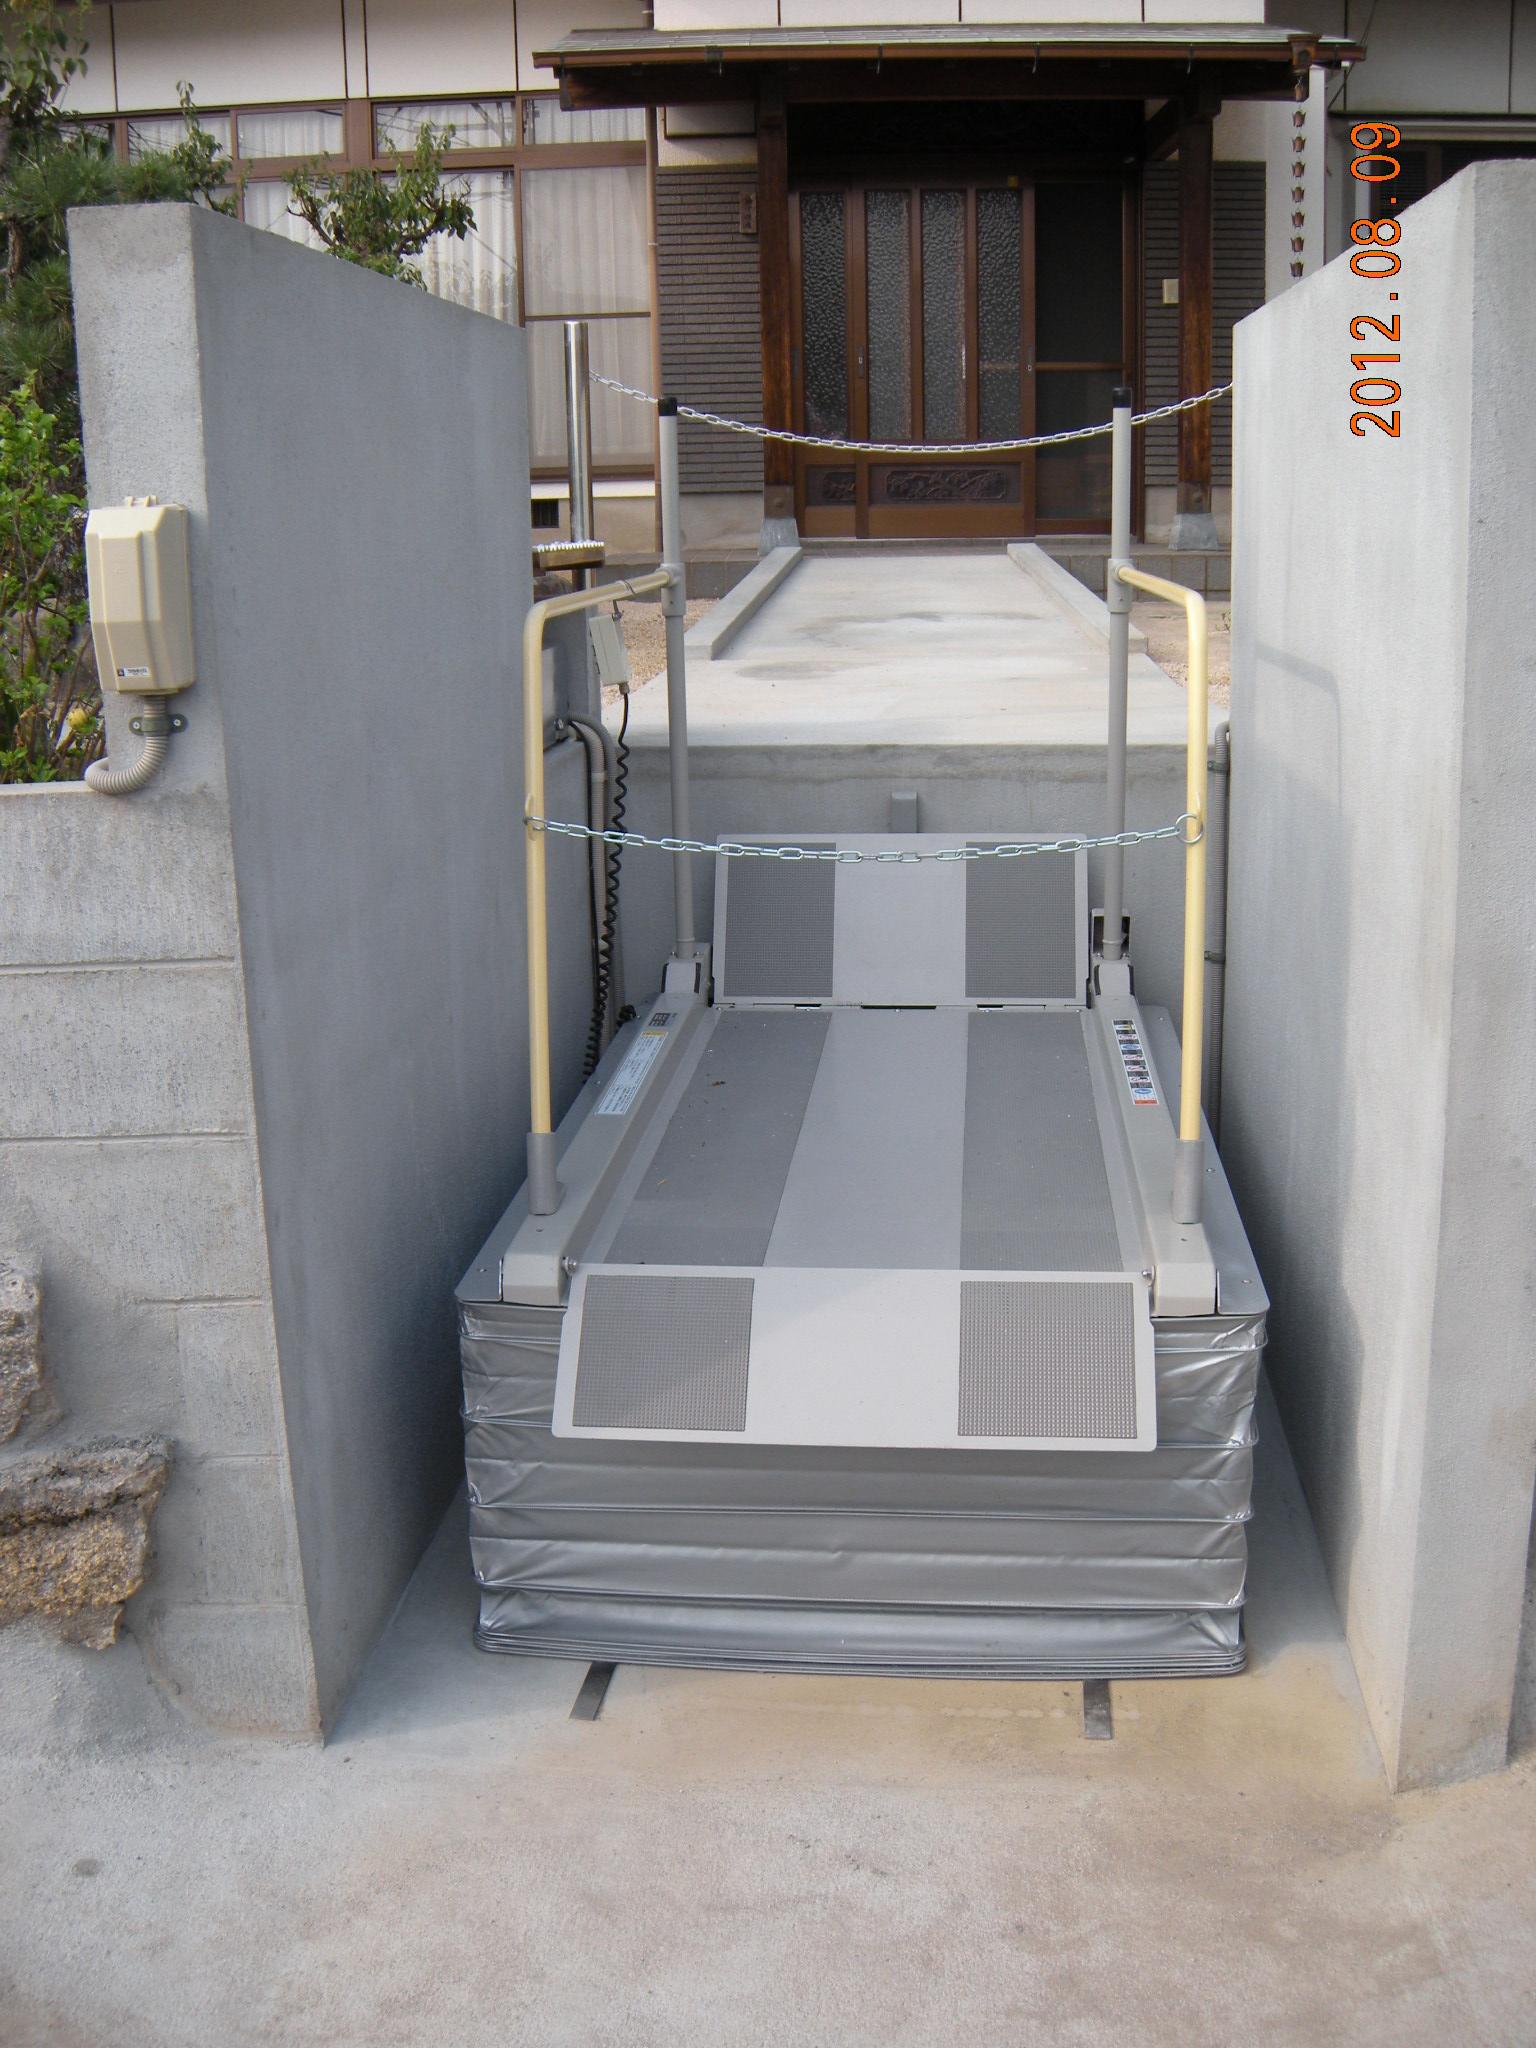 段差解消機(広島県呉市) 福祉スタジオの設置事例をご覧ください。